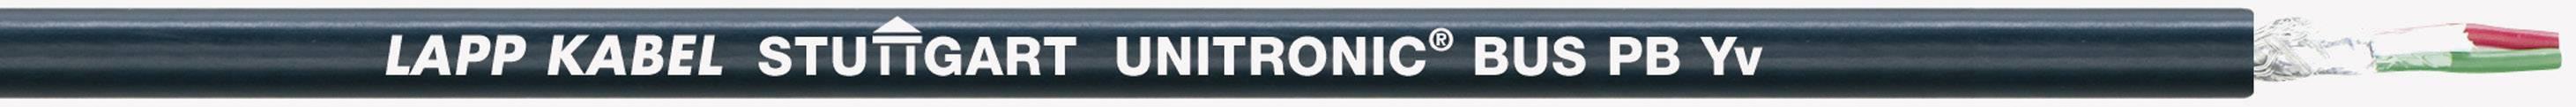 Sběrnicový kabel LappKabel UNITRONIC BUS Yv L2/FIP (2170223), 150 Ω